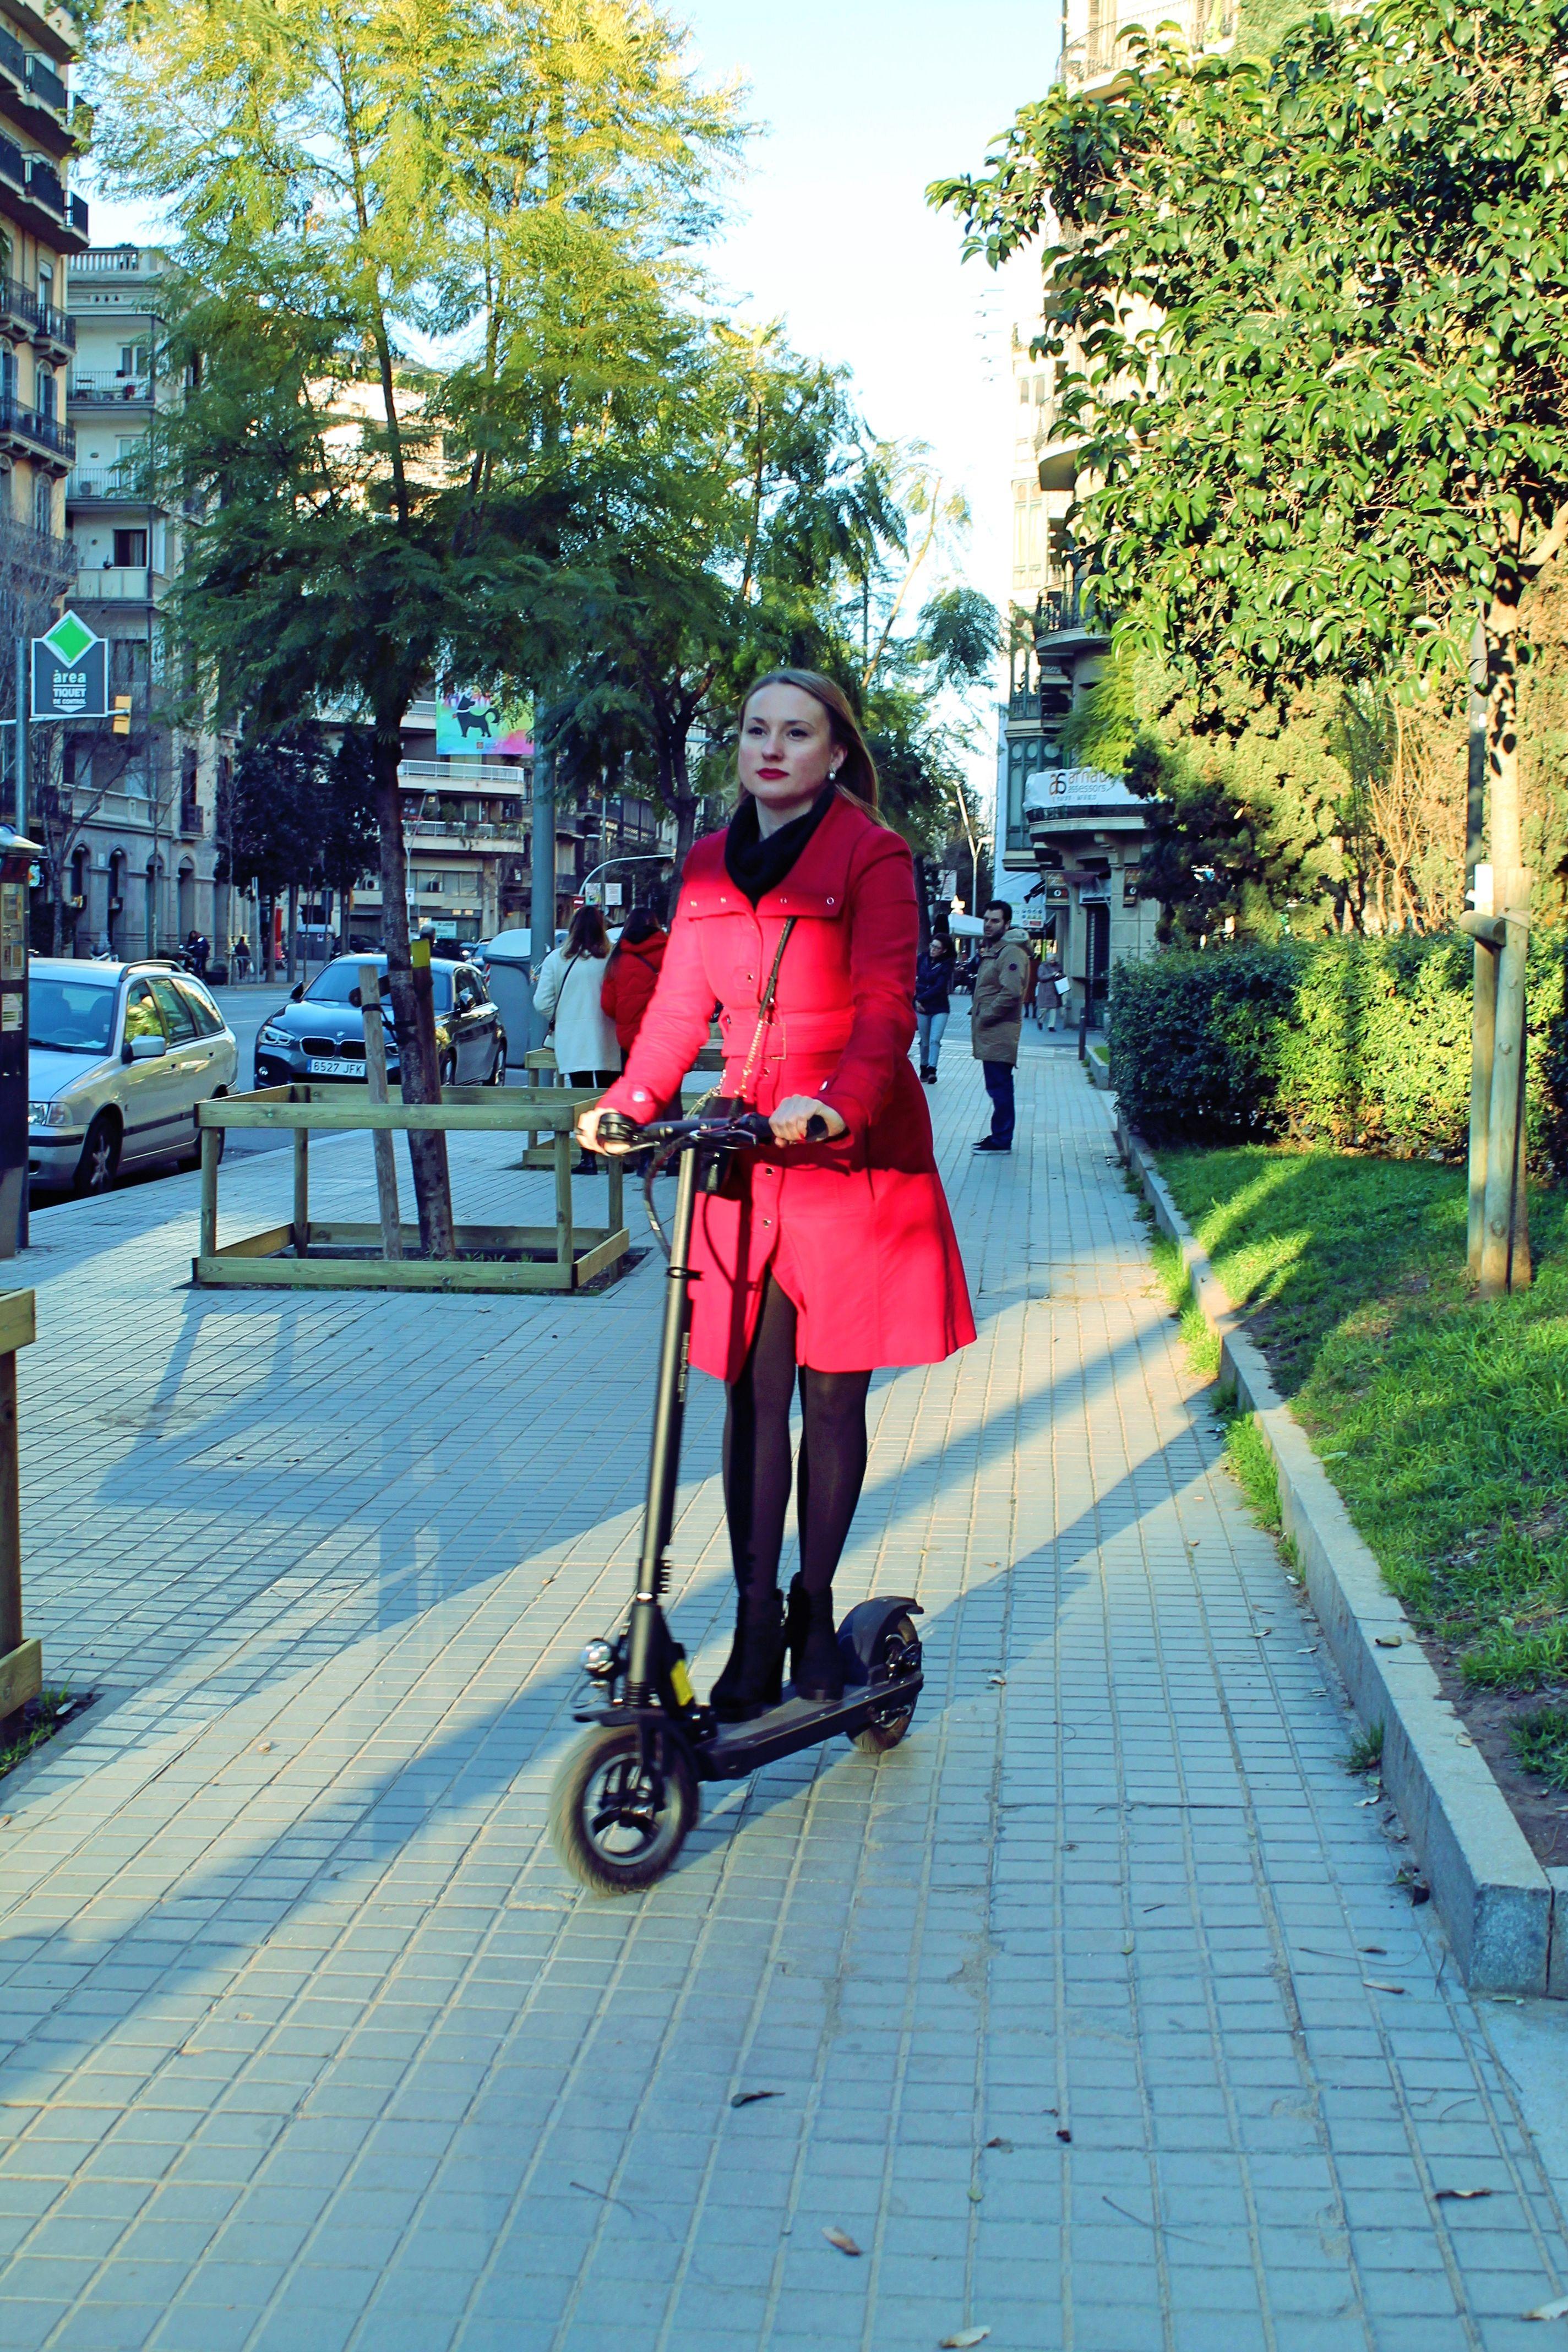 Patinete eléctrico Joyor X5S es un patinete eléctrico muy